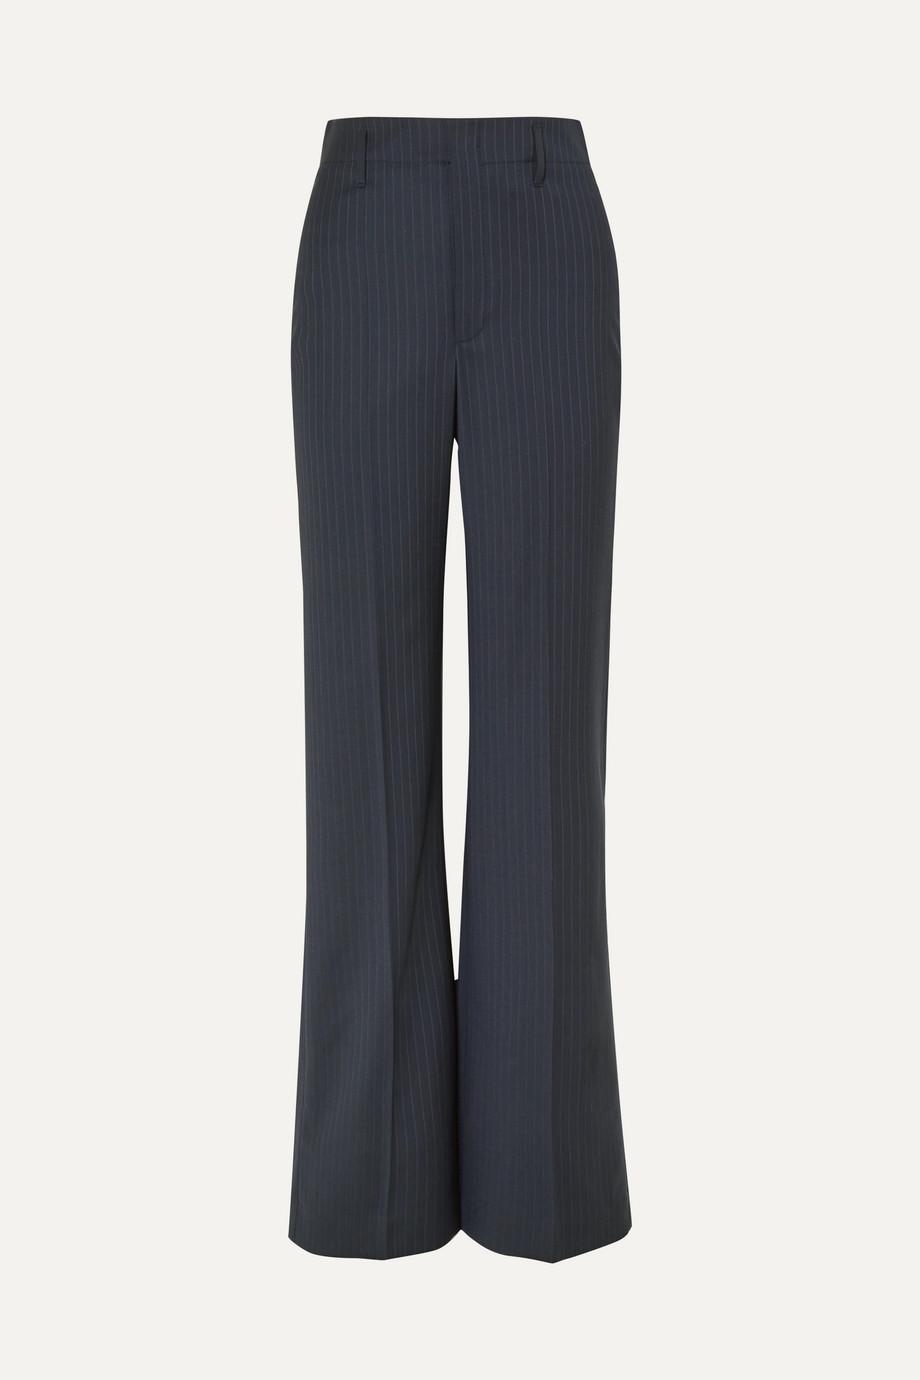 Joseph Ido pinstriped wool-blend straight-leg pants